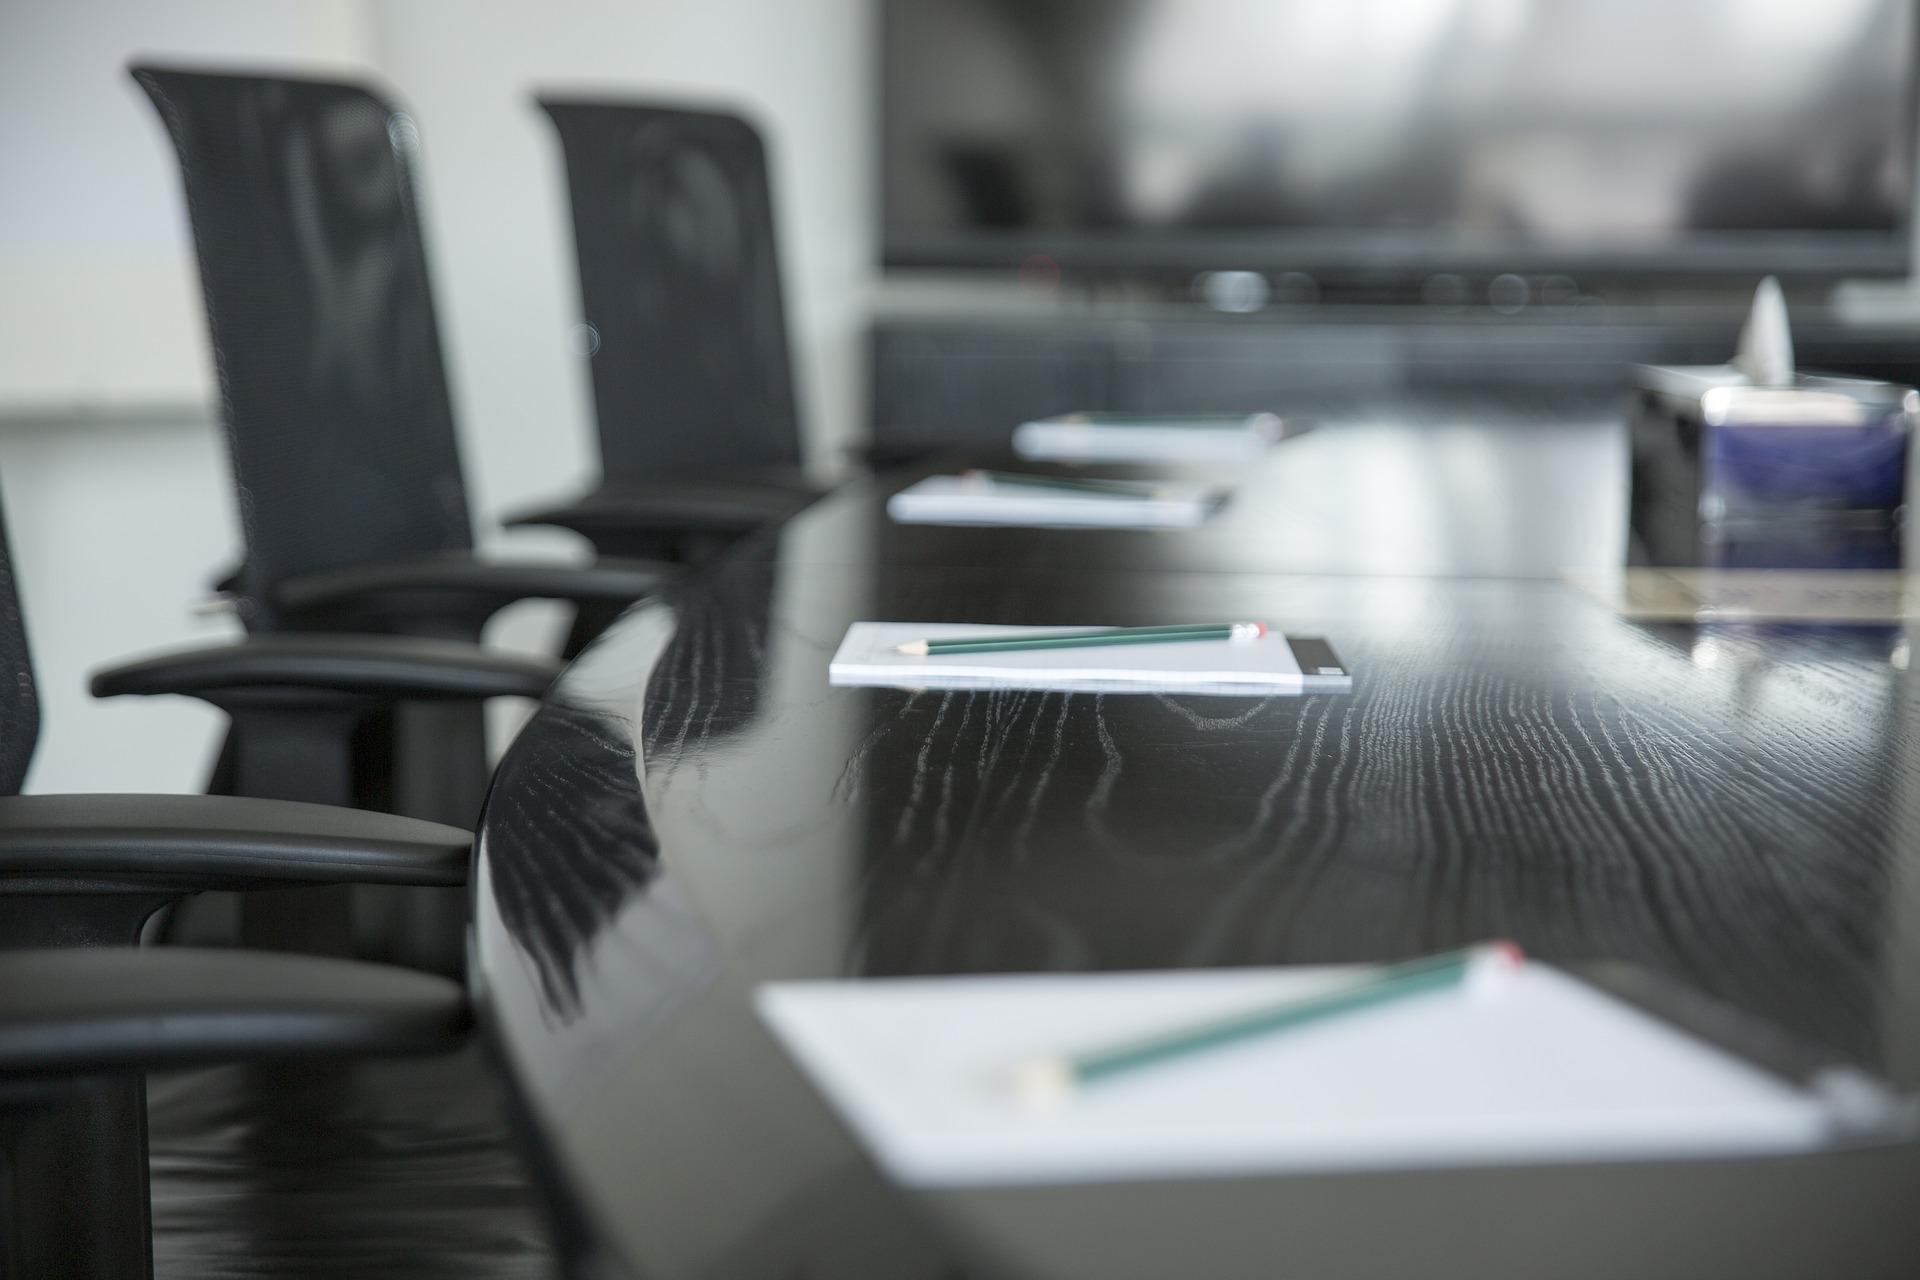 SistemINCONTRA - Contratti a termine e di somministrazione - 16 Ottobre 2020